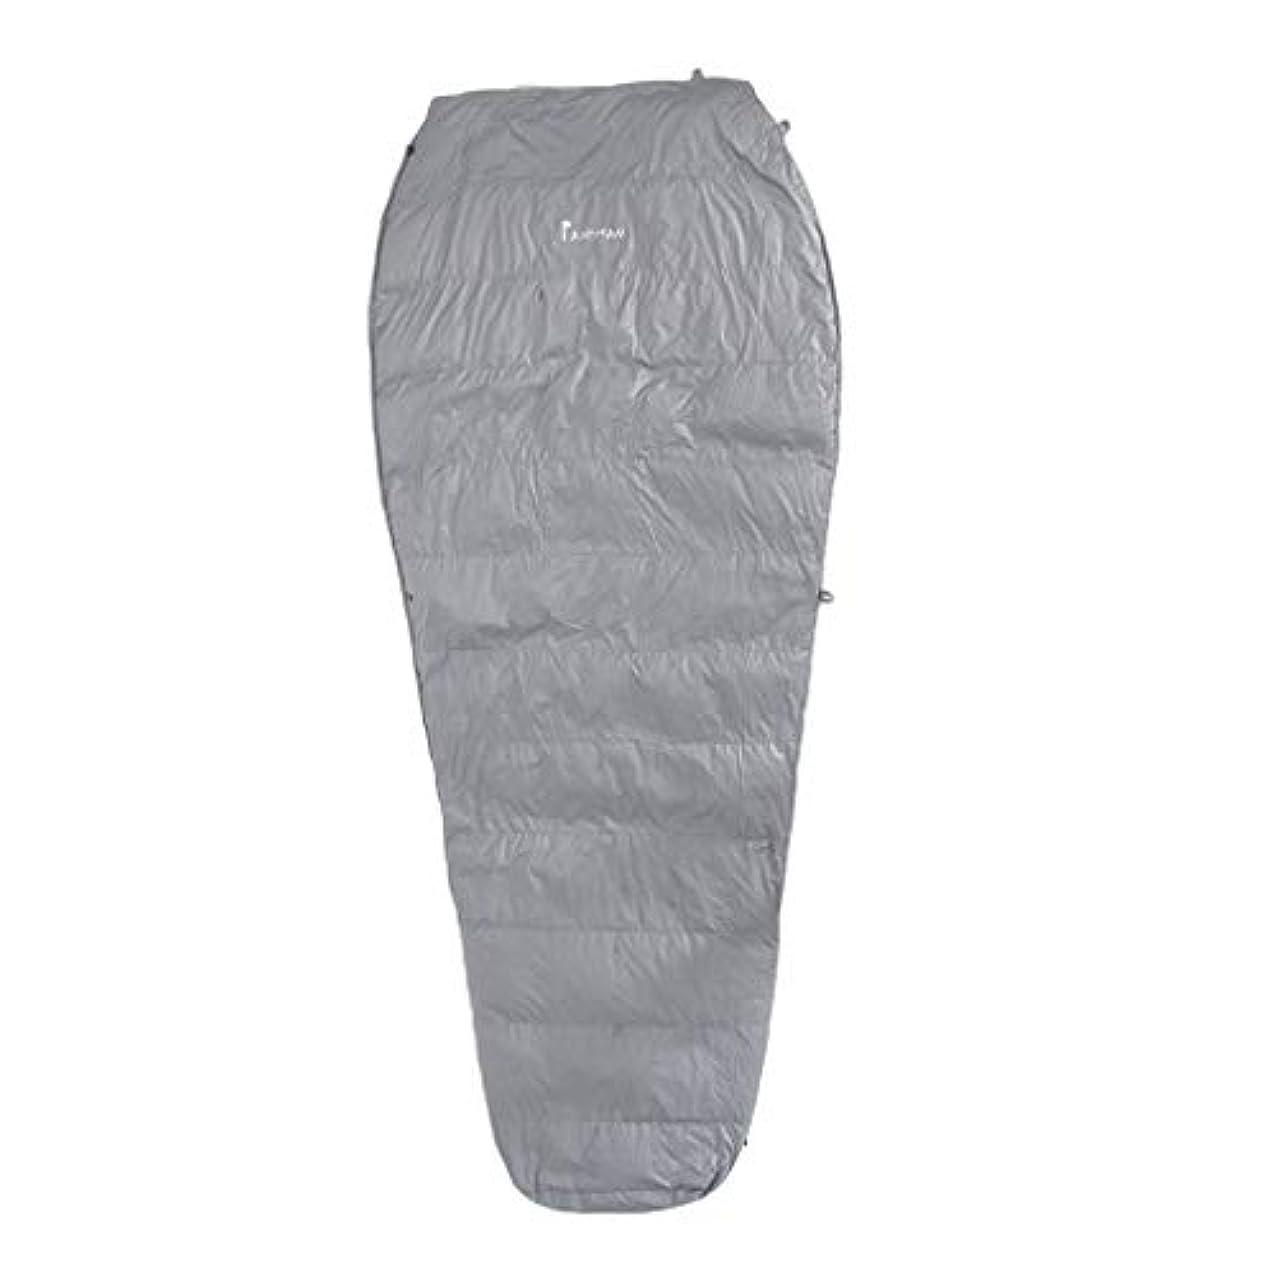 シード継続中傾くBaoblaze 超軽量 寝袋ライナー ブランケット キャンプ用 寝具 全2色